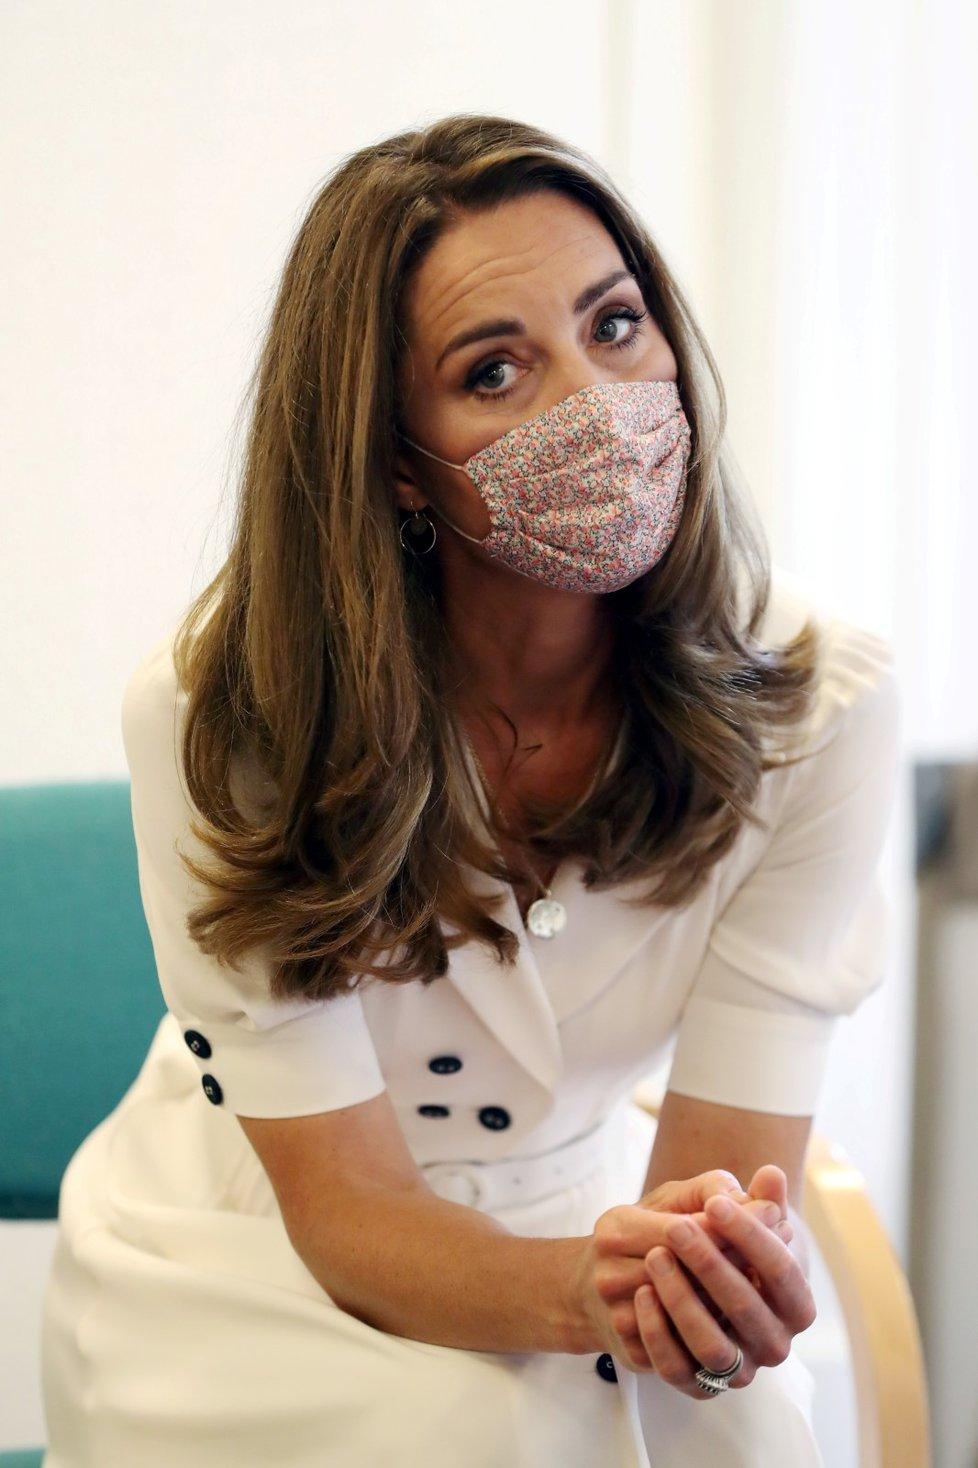 Manželka britského prince Williama vévodkyně Kate navštívila ústav, kde se starají o rodiny s malými dětmi v nouzi. Do Baby Basics si vzala na ústa roušku. Chránila tak sebe i ostatní před nákazou koronavirem.